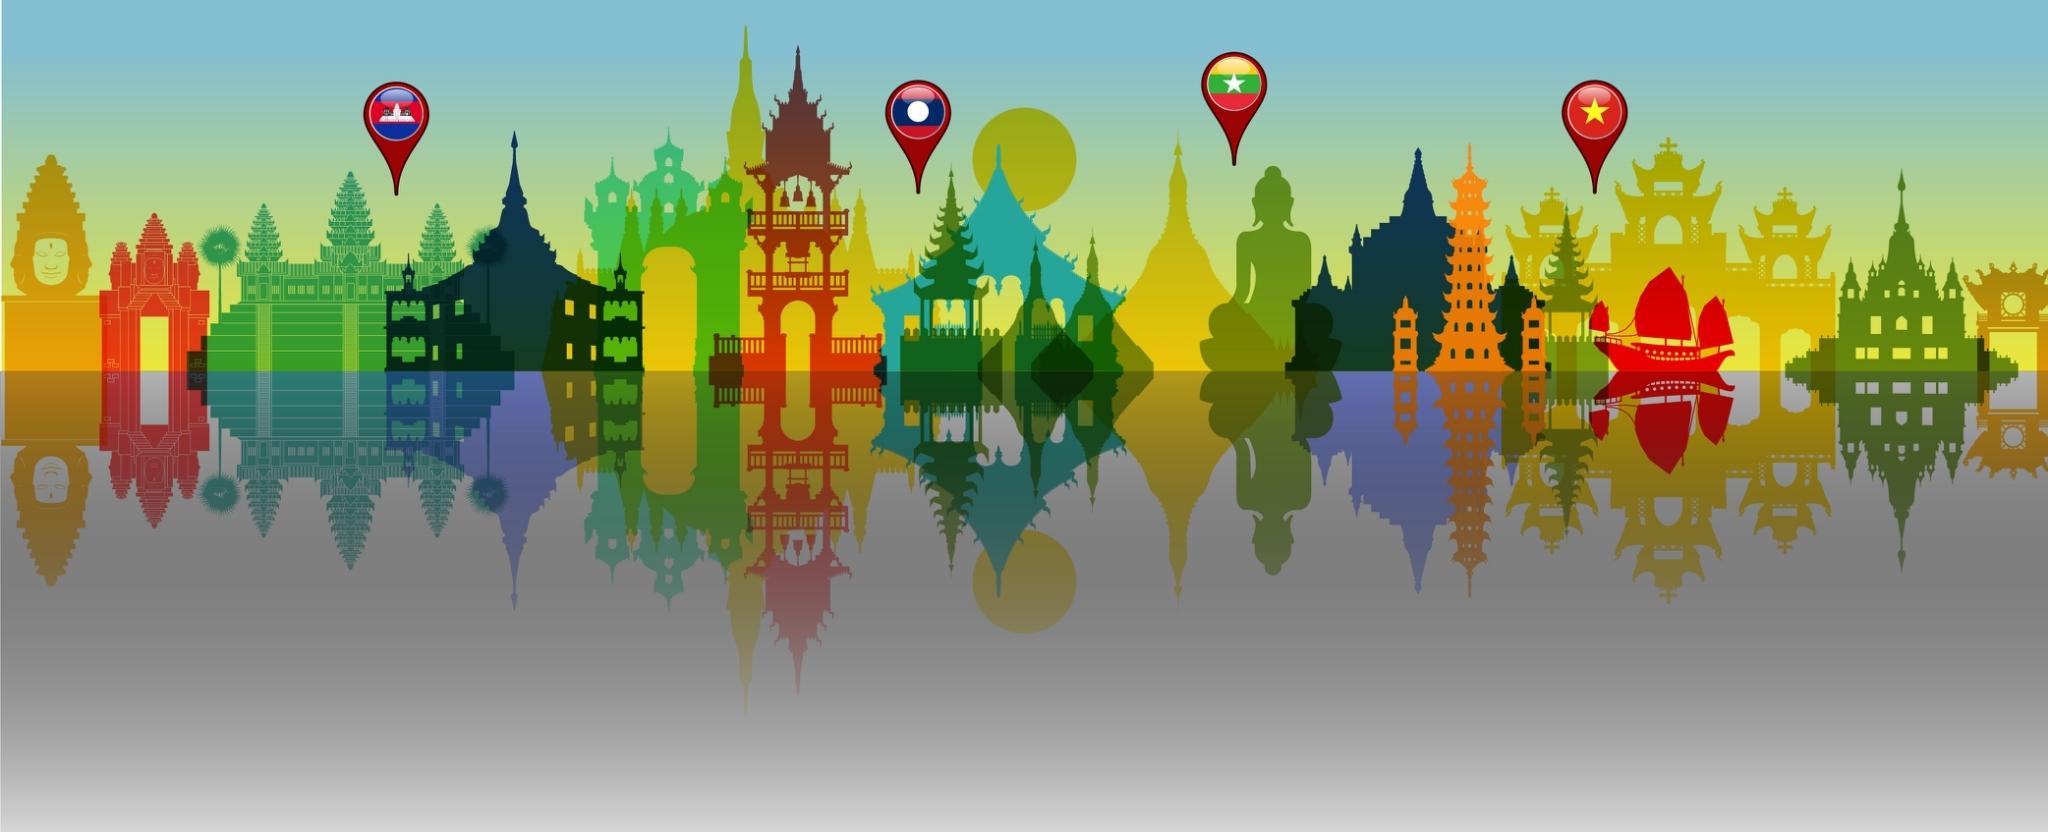 ผู้สูงอายุชาวต่างชาติในกัมพูชา…จุดประกายโอกาสทางธุรกิจของผู้ประกอบการไทย